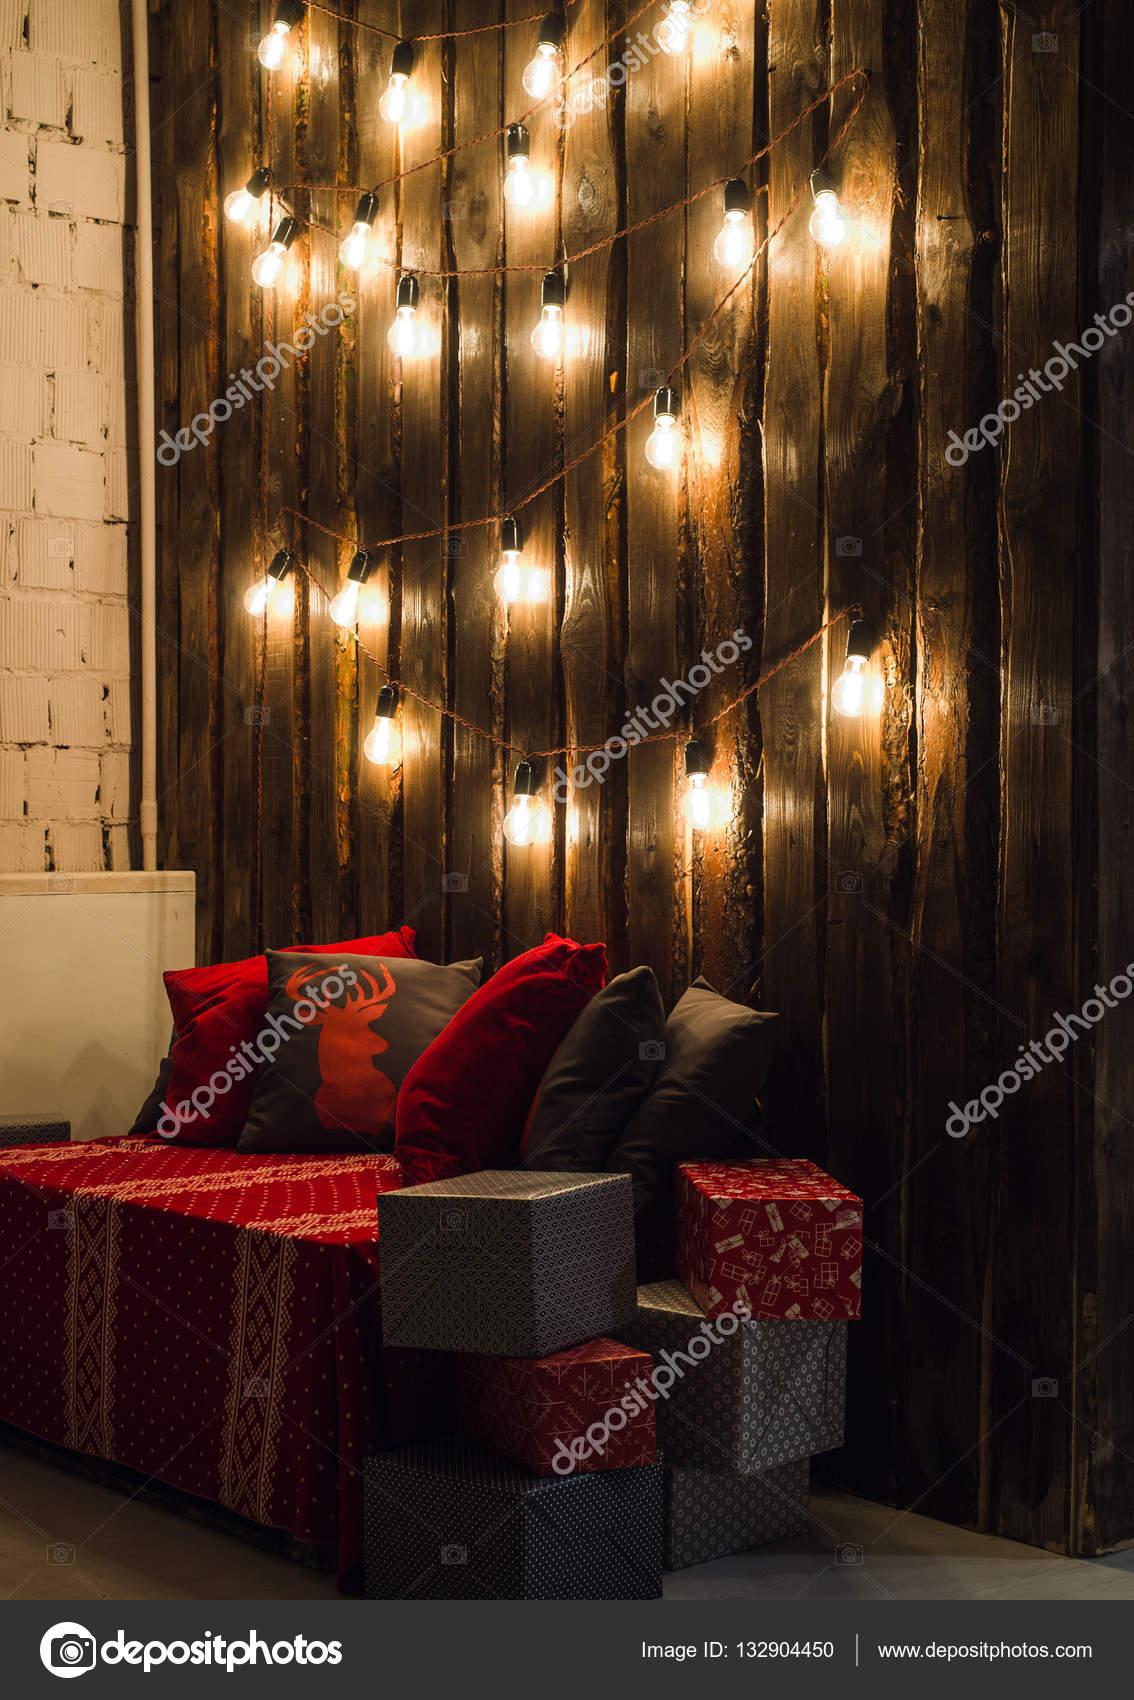 Holzzimmer In Rustikalen Haus Mit Holzwand Und Designer Lampen,  Geschmückten Platz Für Sitz. Rot Grau Kissen U2014 Foto Von Romankosolapov